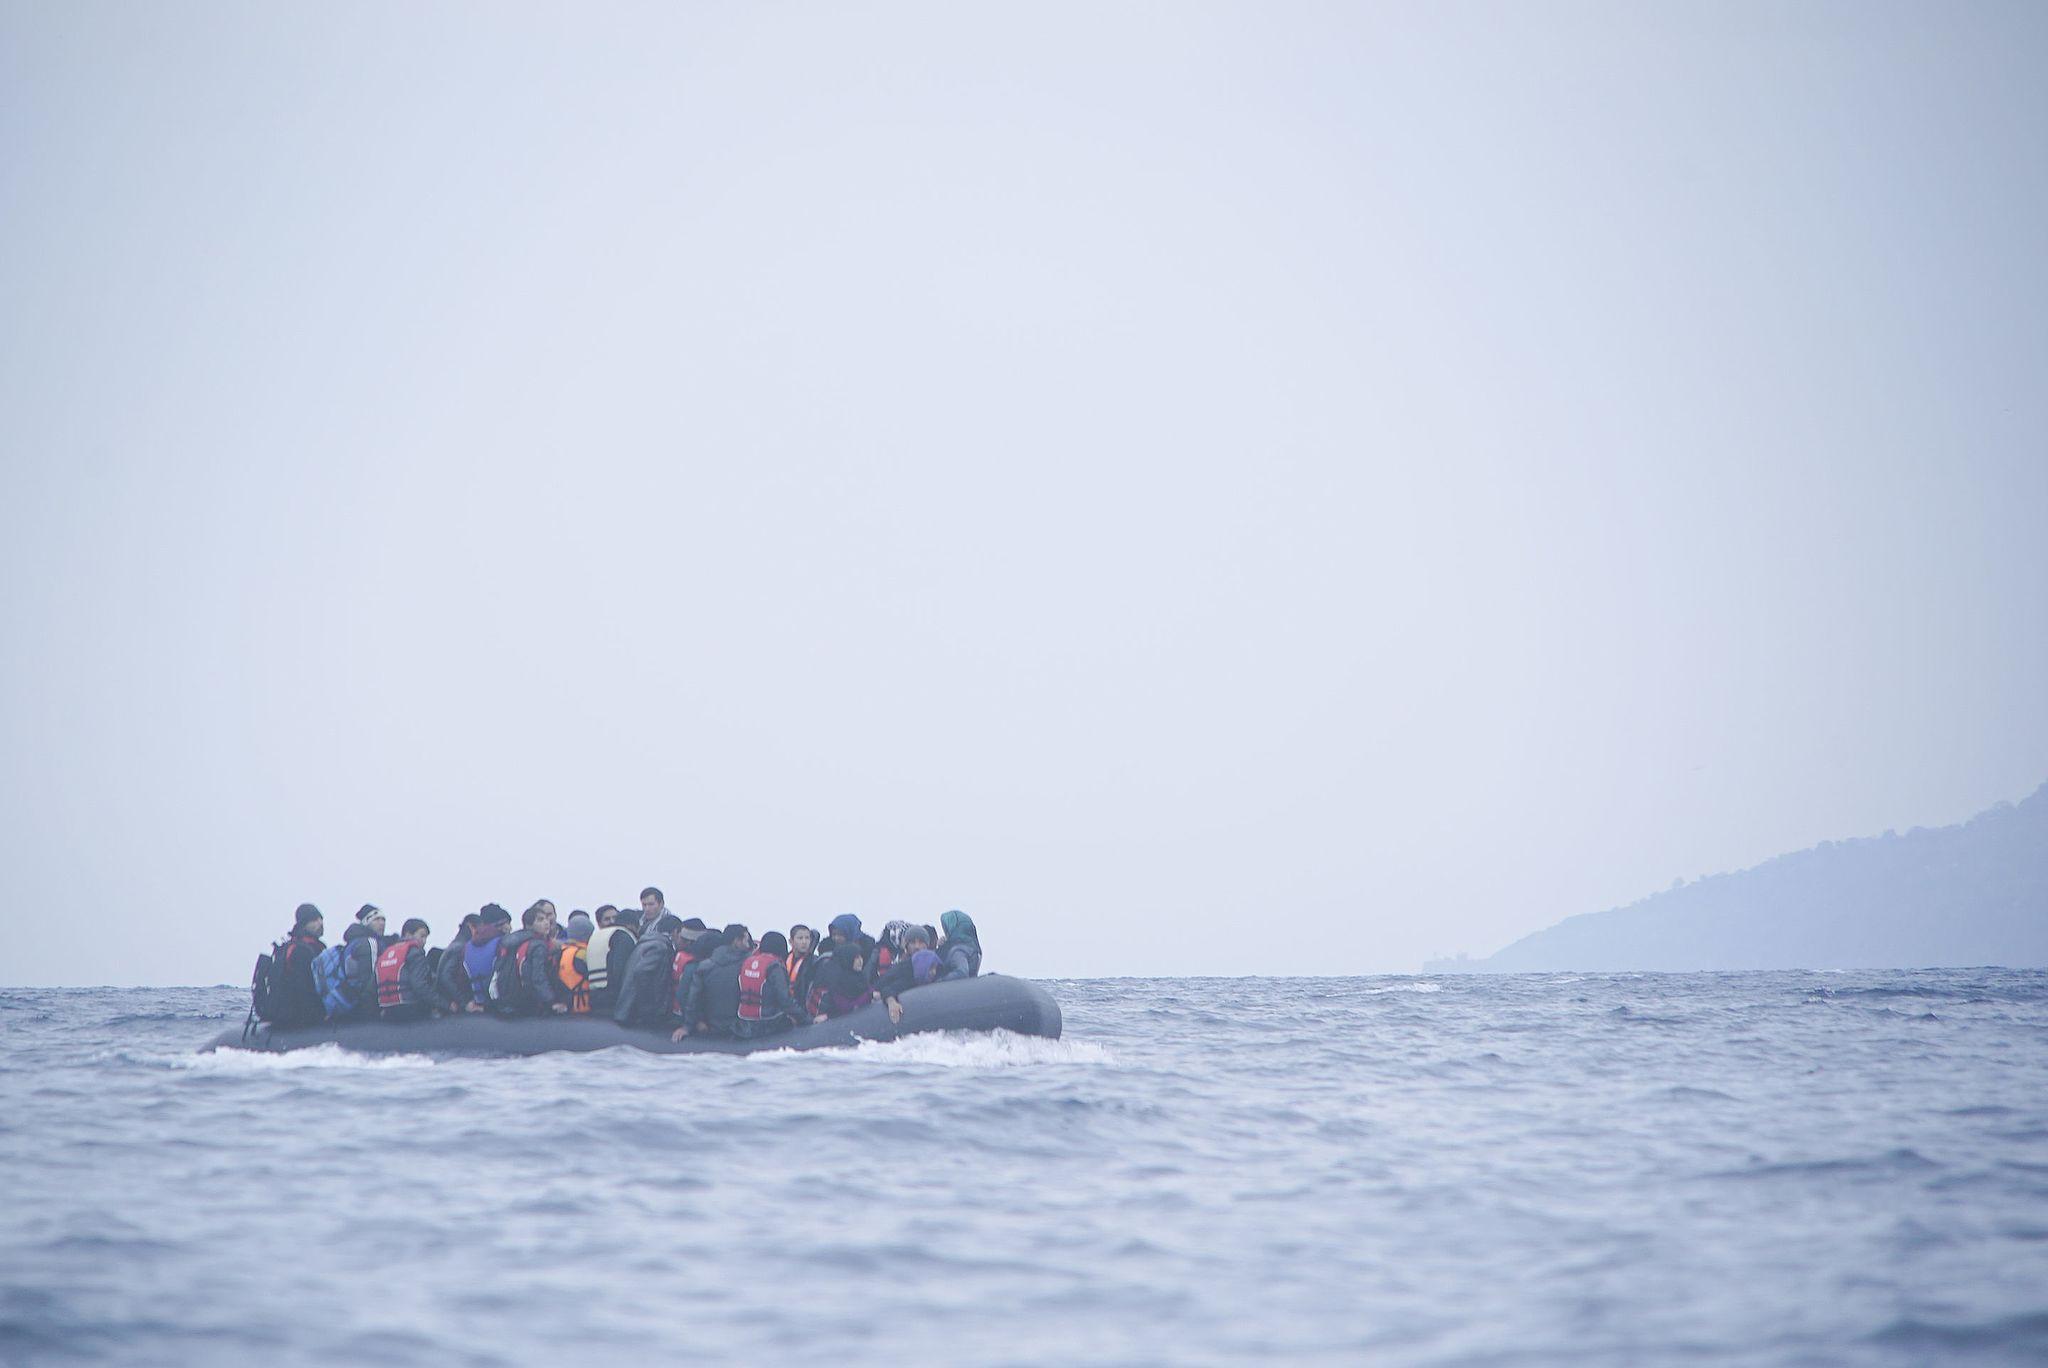 Perché la crisi dei migranti non si risolverà a colpi di norme emergenziali